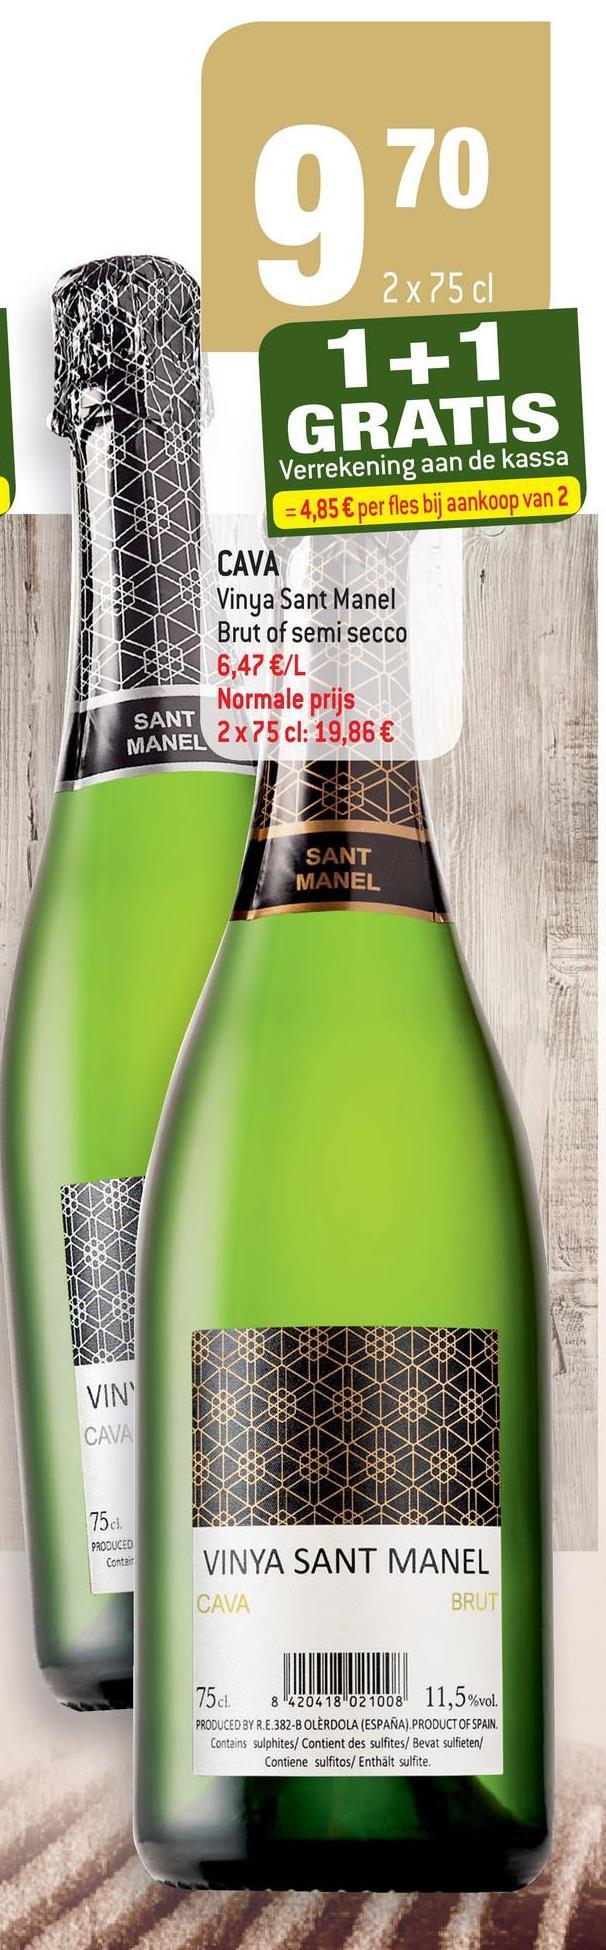 O 70 2x75 cl 1+ 1 GRATIS Verrekening aan de kassa = 4,85 € per fles bij aankoop van 2 CAVA Vinya Sant Manel Brut of semi secco 6,47 €/L Normale prijs SANT MANEL 2x75 cl: 19,86 € SANT MANEL VIN CAVA 750 PRODUCED Contas VINYA SANT MANEL CAVA BRUT 75cl. 8420418 021008 11,5%vol. PRODUCED BY R.E.382-B OLÈRDOLA (ESPAÑA). PRODUCT OF SPAIN. Contains sulphites/ Contient des sulfites/ Bevat sulfieten/ Contiene sulfitos/ Enthält sulfite,